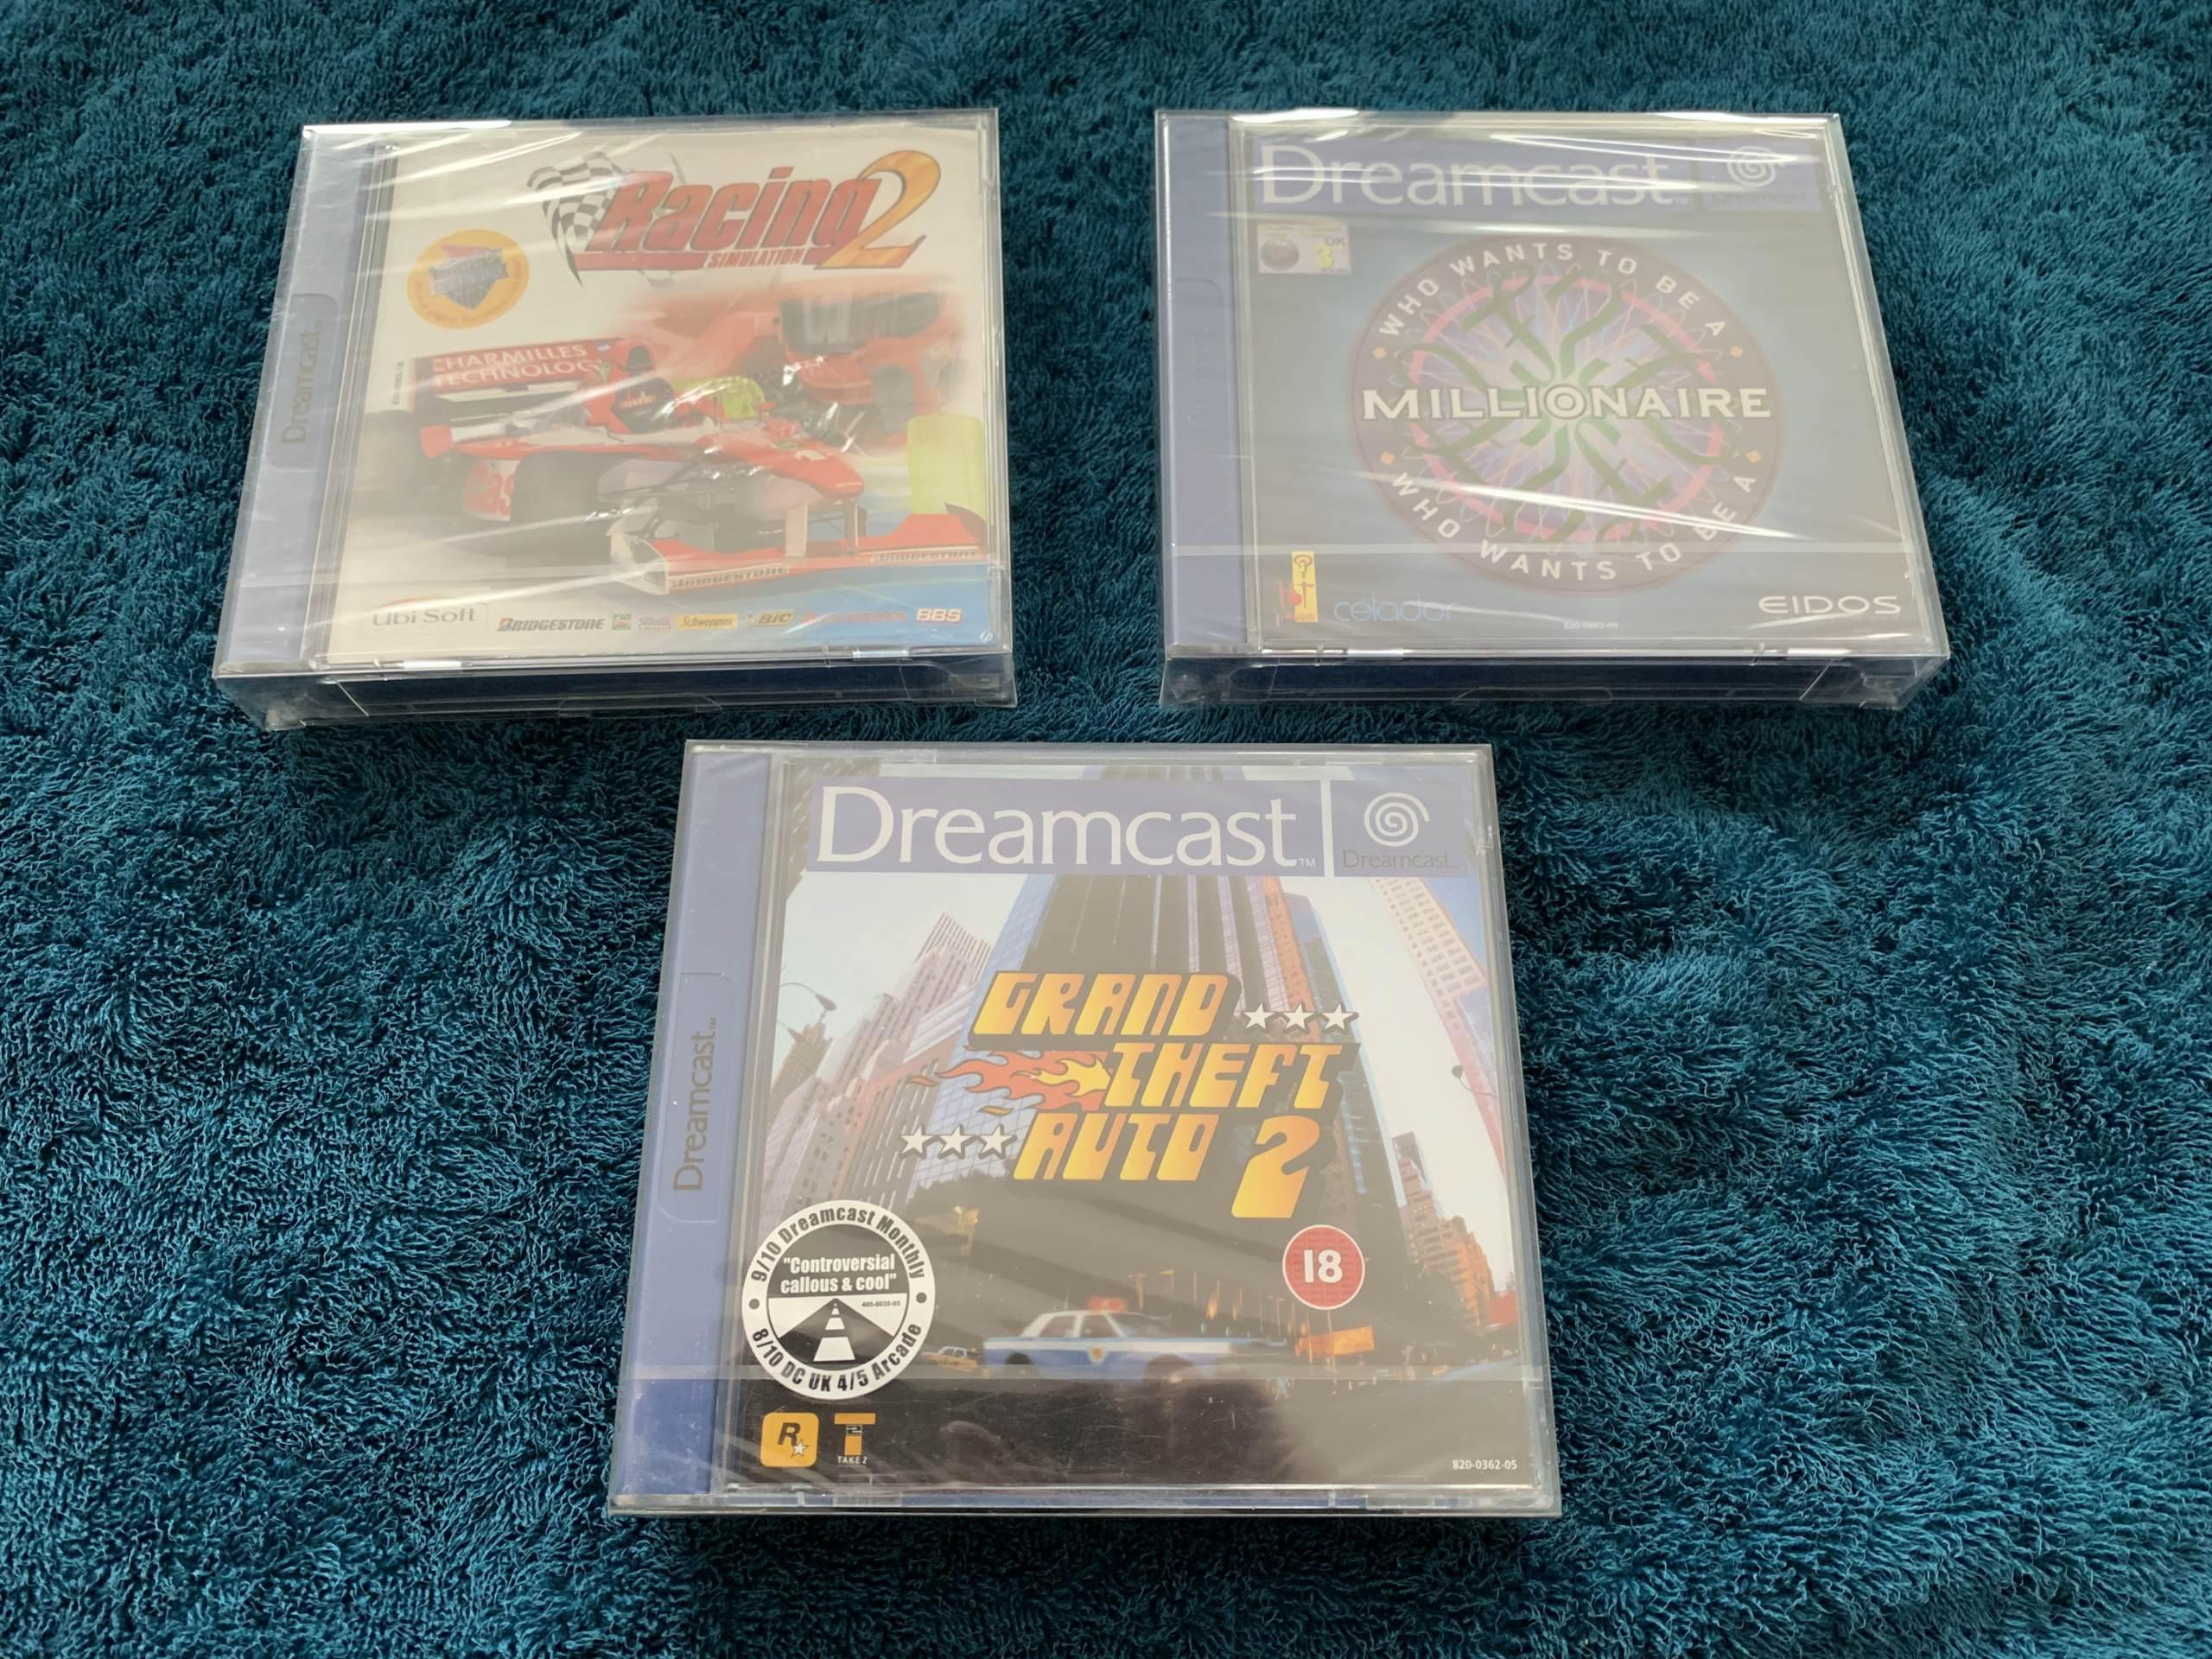 [VENDU] Fullset Jeux Dreamcast, Accessoires, Promo, Rigides... - 350 pièces - NEUF SOUS BLISTER 030_va10